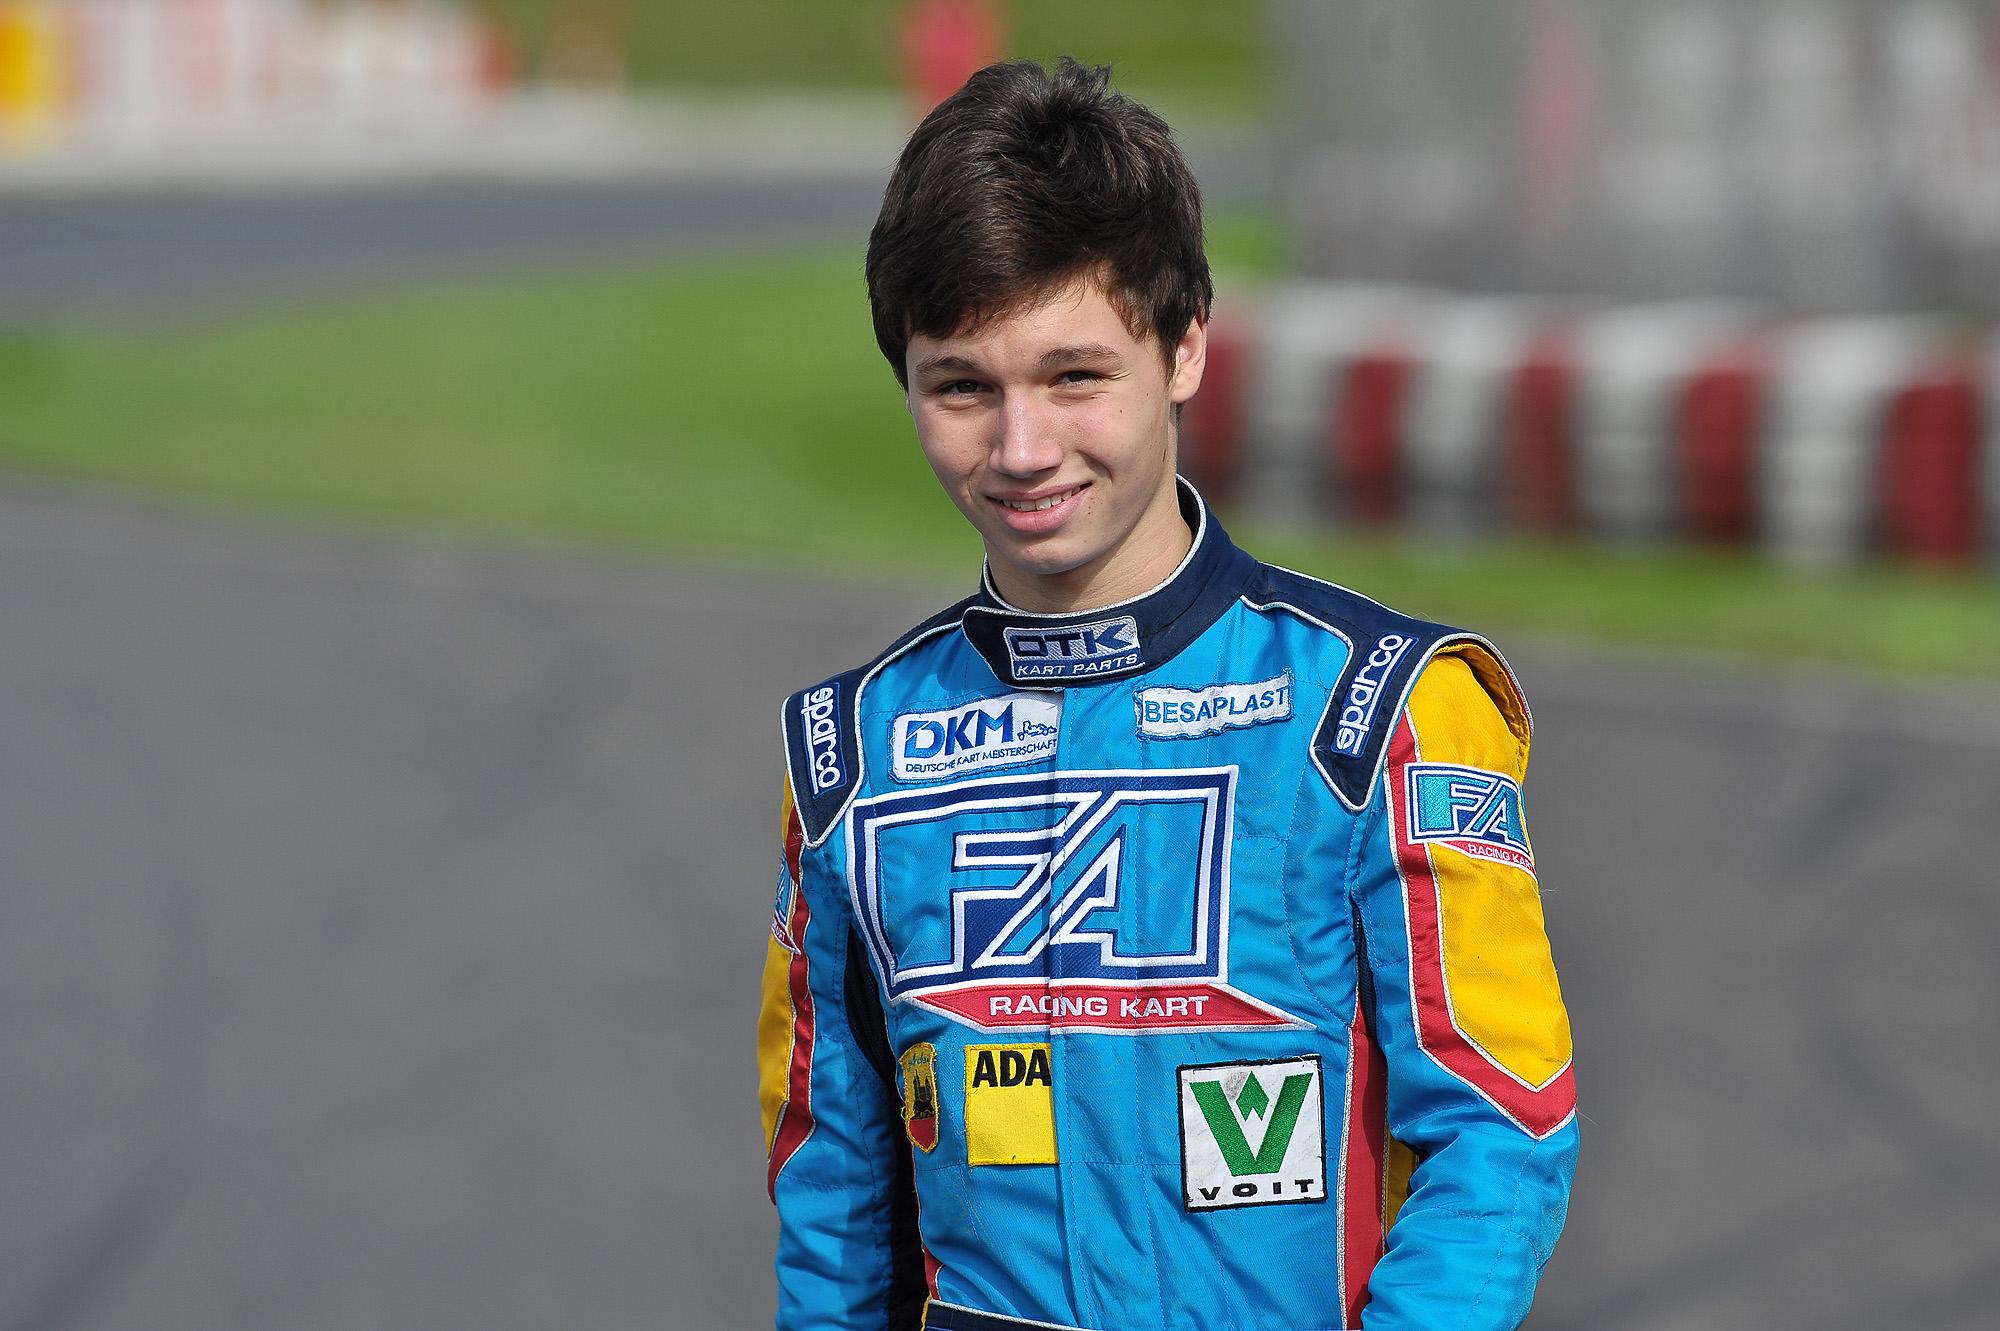 Cedric Piro steigt in Formel Renault 1.6 NEC auf